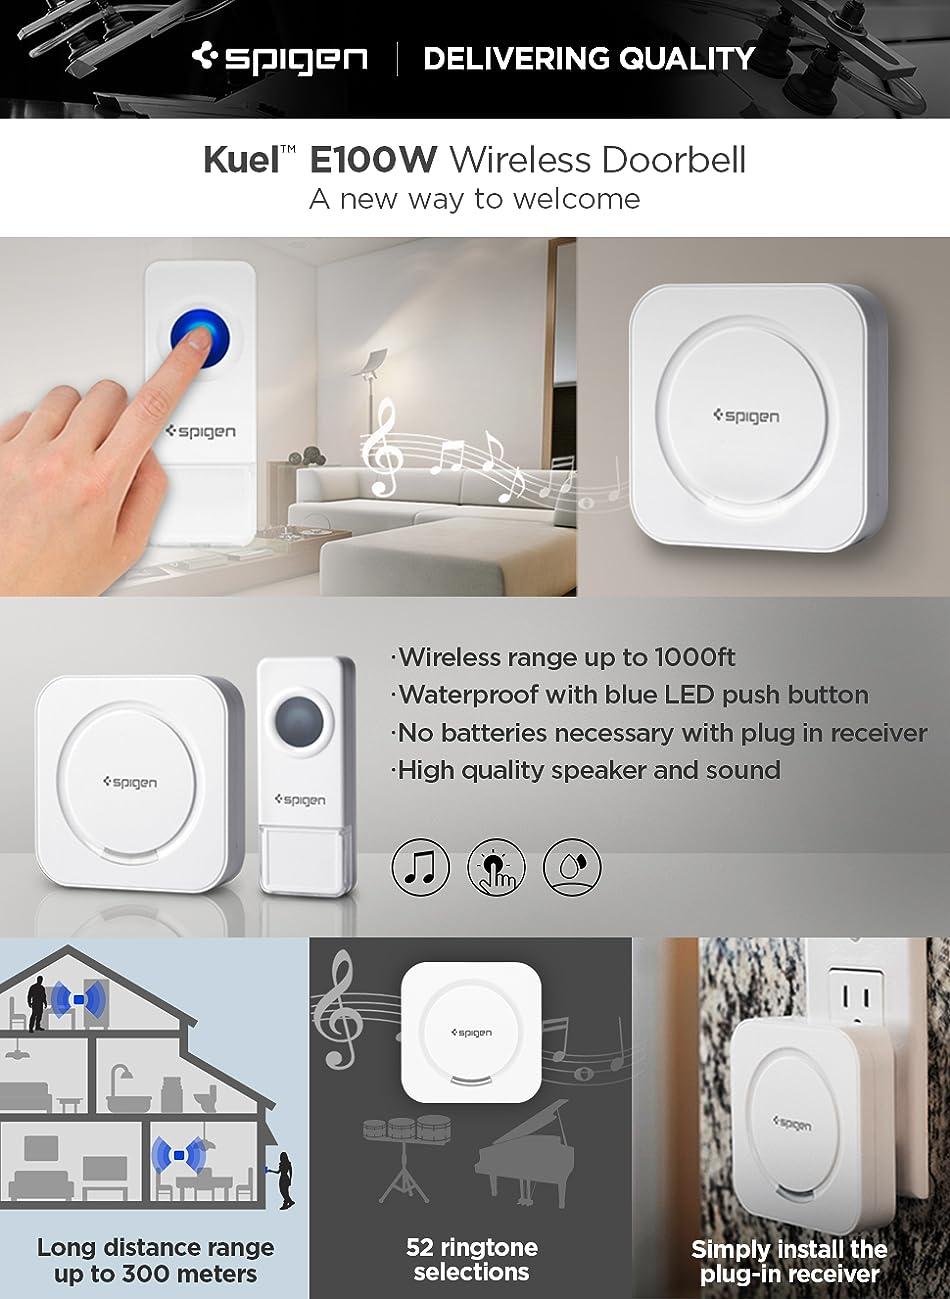 Wireless Doorbells Spigen Over 500 Ft Range Waterproof 50 Electrical Wiring In The Home Deaf Doorbell E100w